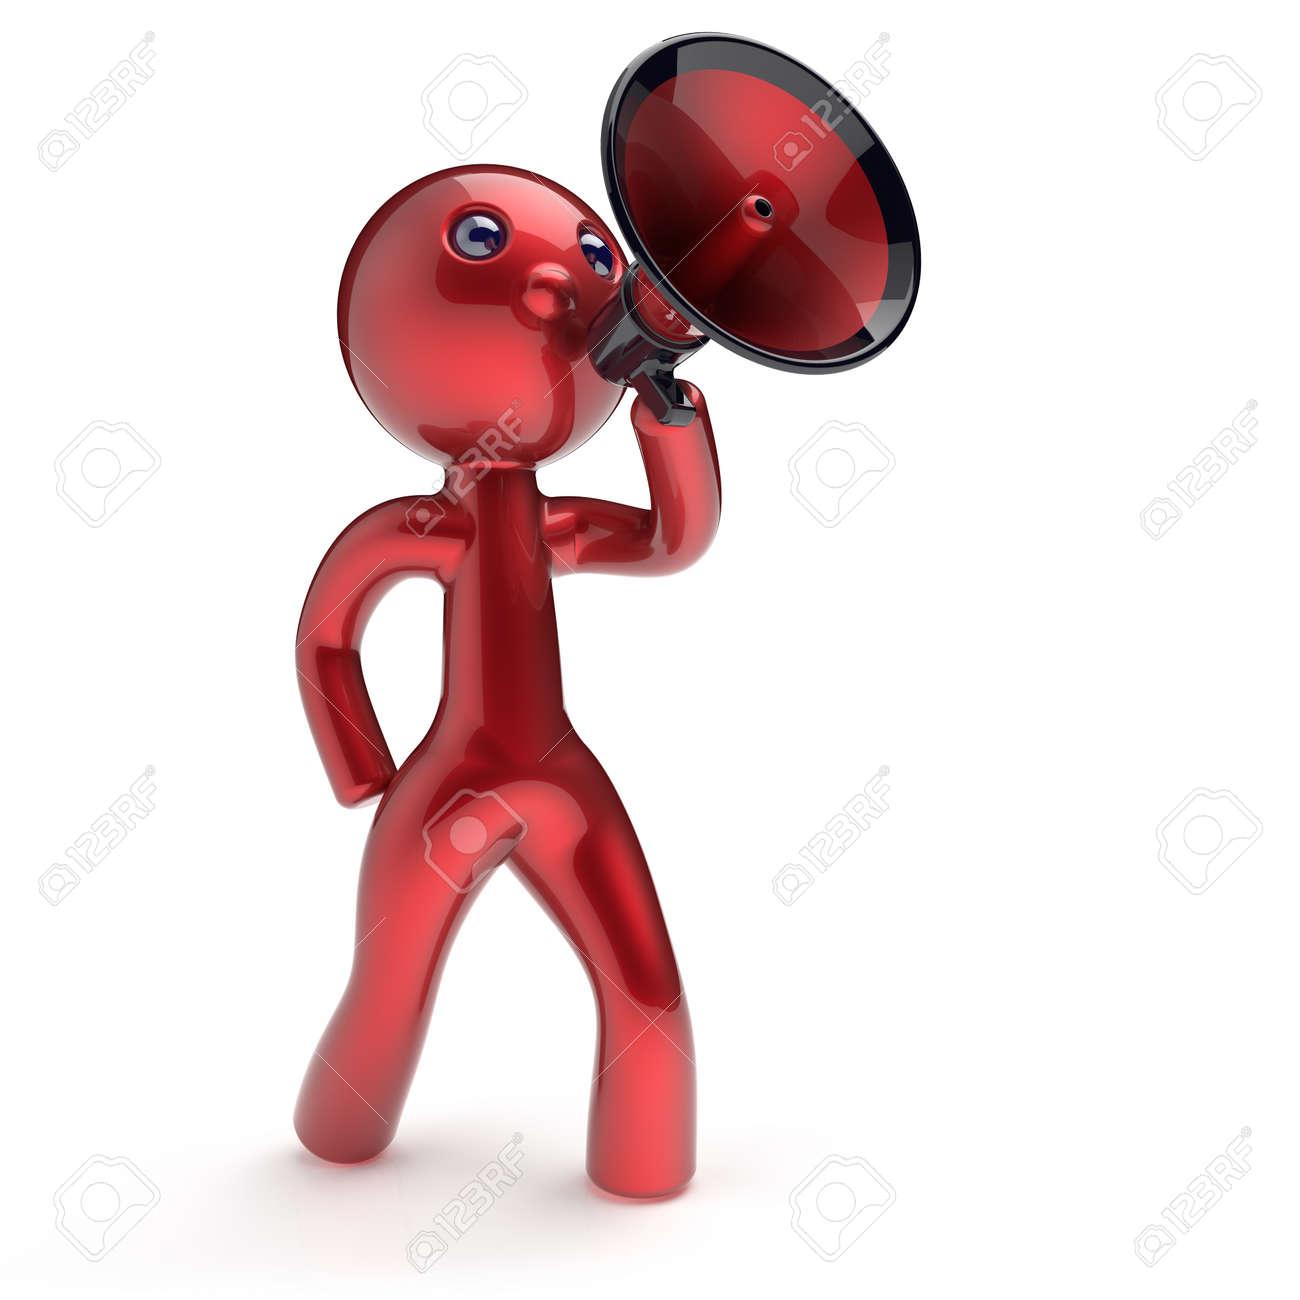 Type De Haut Parleur homme parlant caractère mégaphone faisant annonce nouvelles rouge stylisée  haut-parleurs de type dessin animé humaine communication de personne de